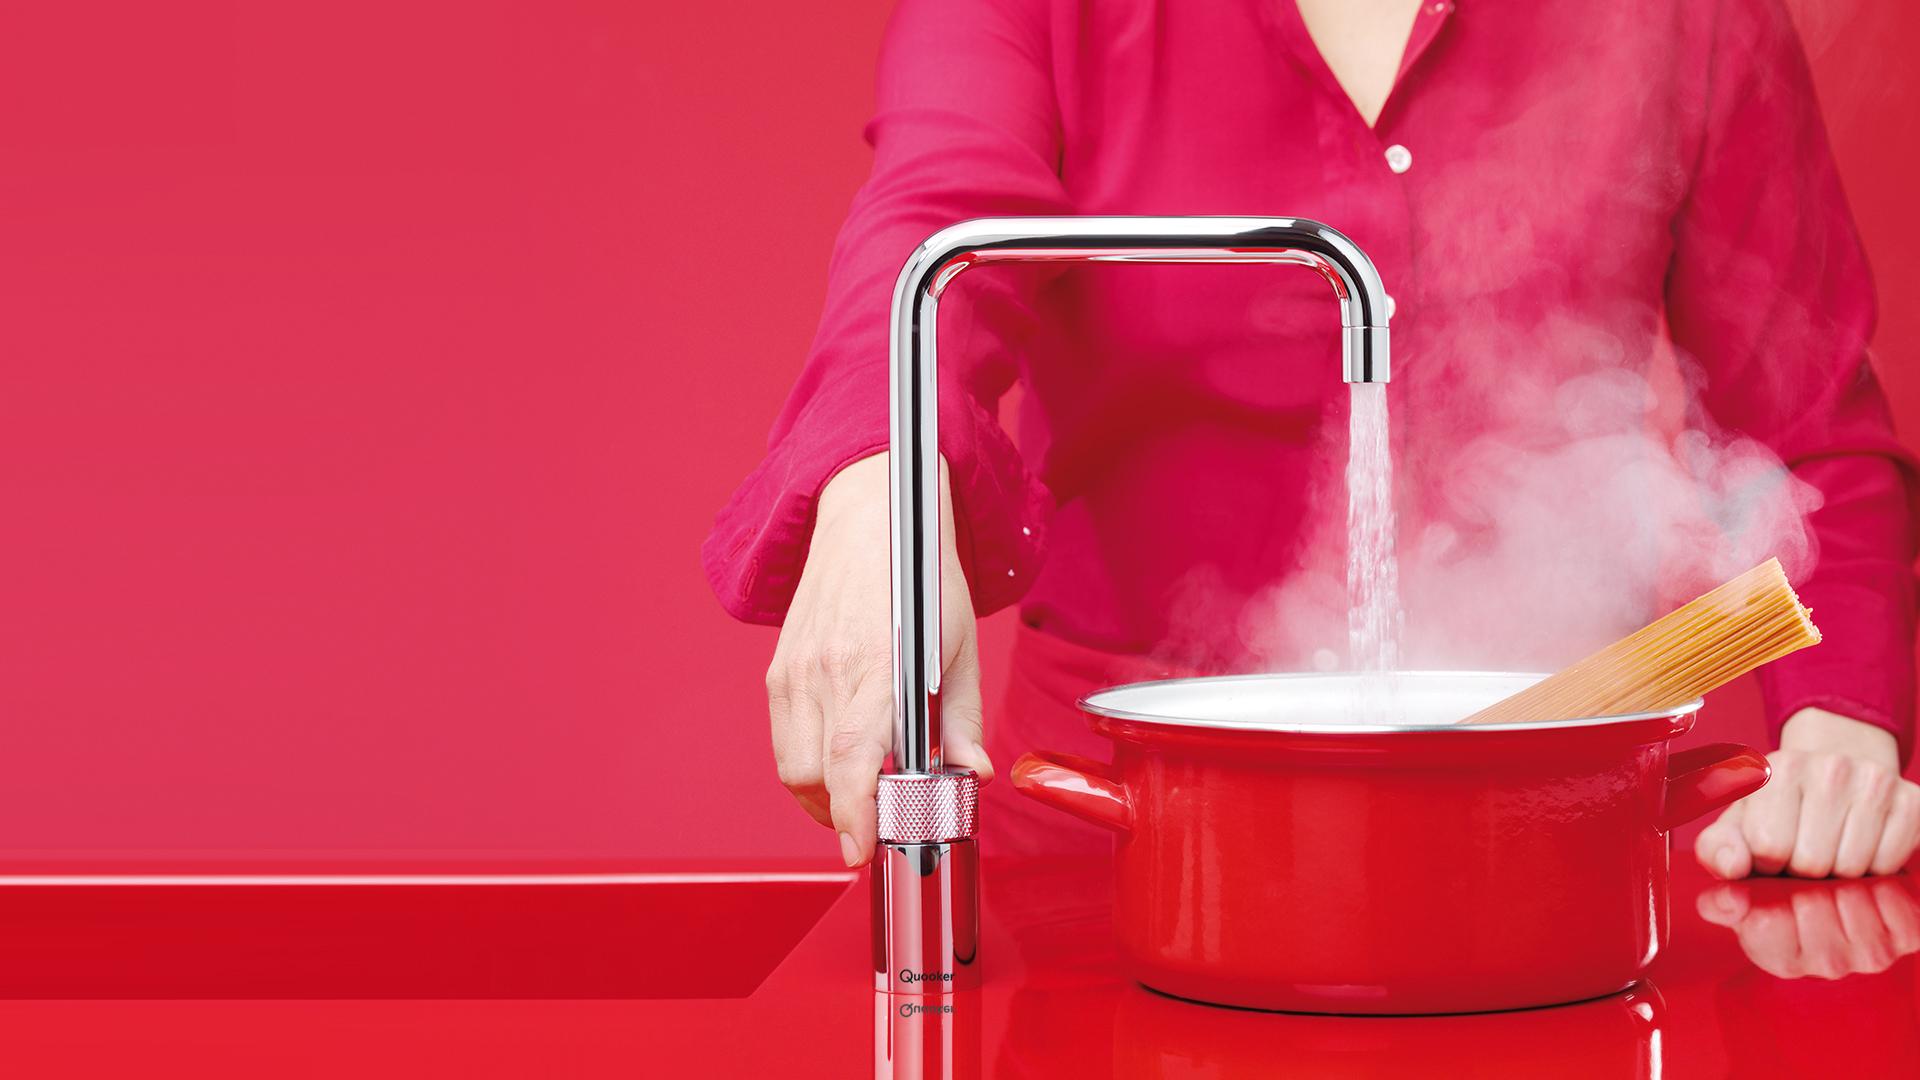 Keuken Met Gratis Quooker : mengkranen – Nieuws Startpagina voor keuken idee?n UW-keuken.nl